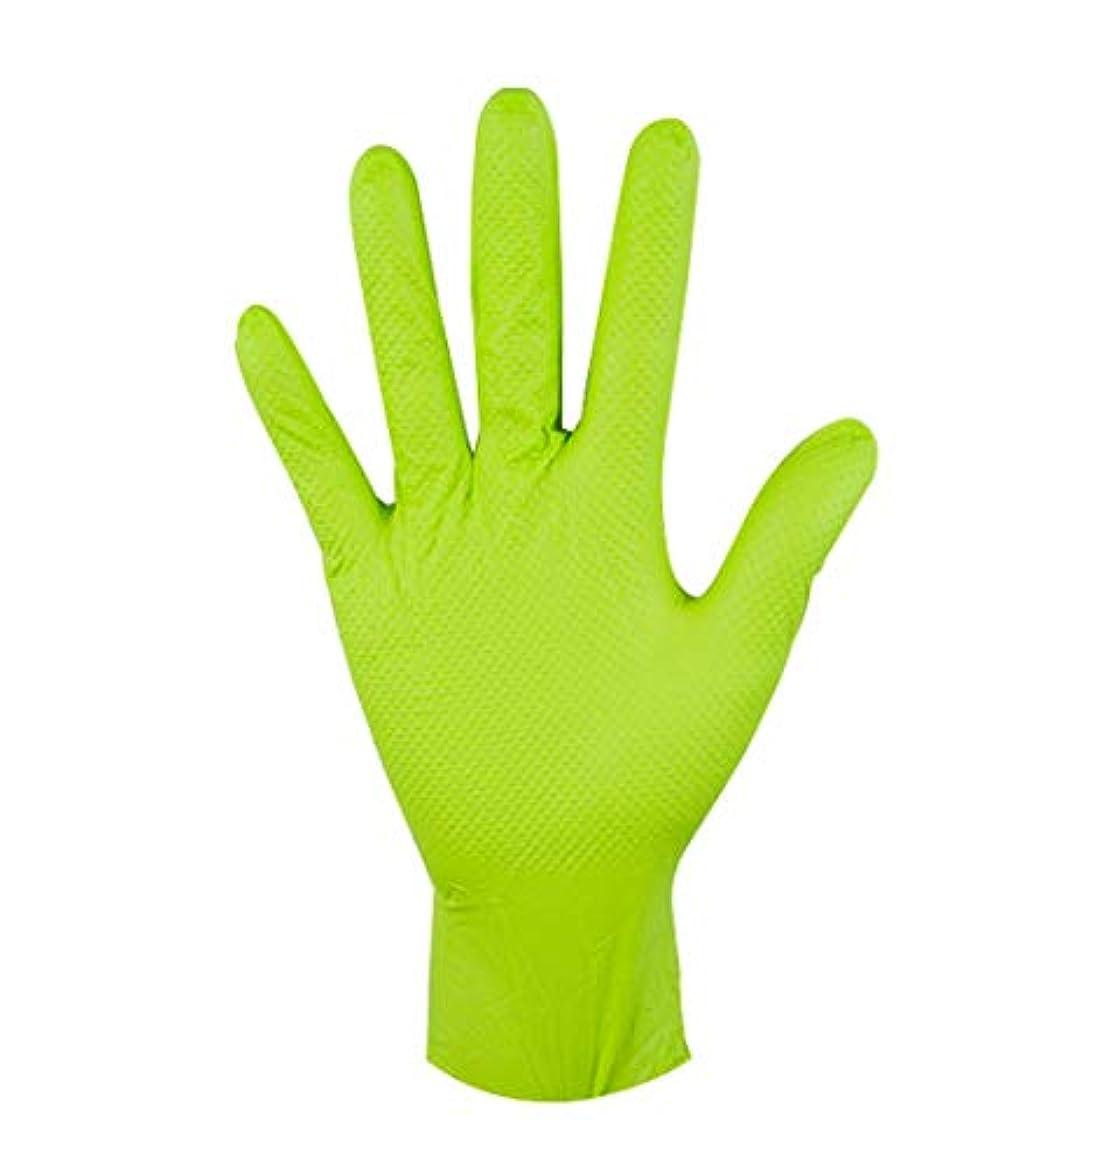 挑むで泥だらけ使い捨て手袋極太ニトリルグリーン耐油機修理自動修理家事保護手袋